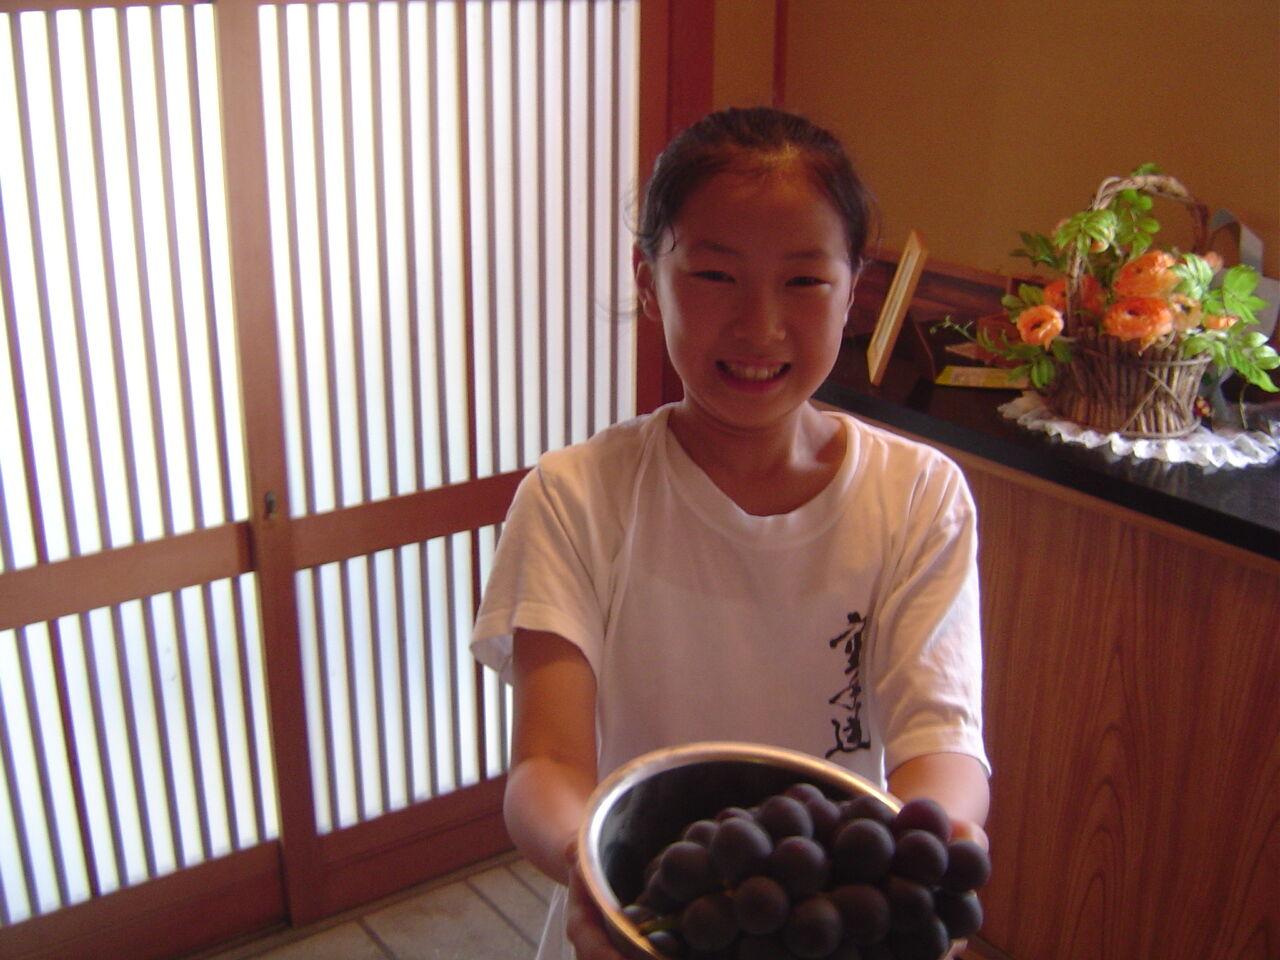 https://livedoor.blogimg.jp/ikouyou_1204/imgs/d/9/d928daa5.jpg